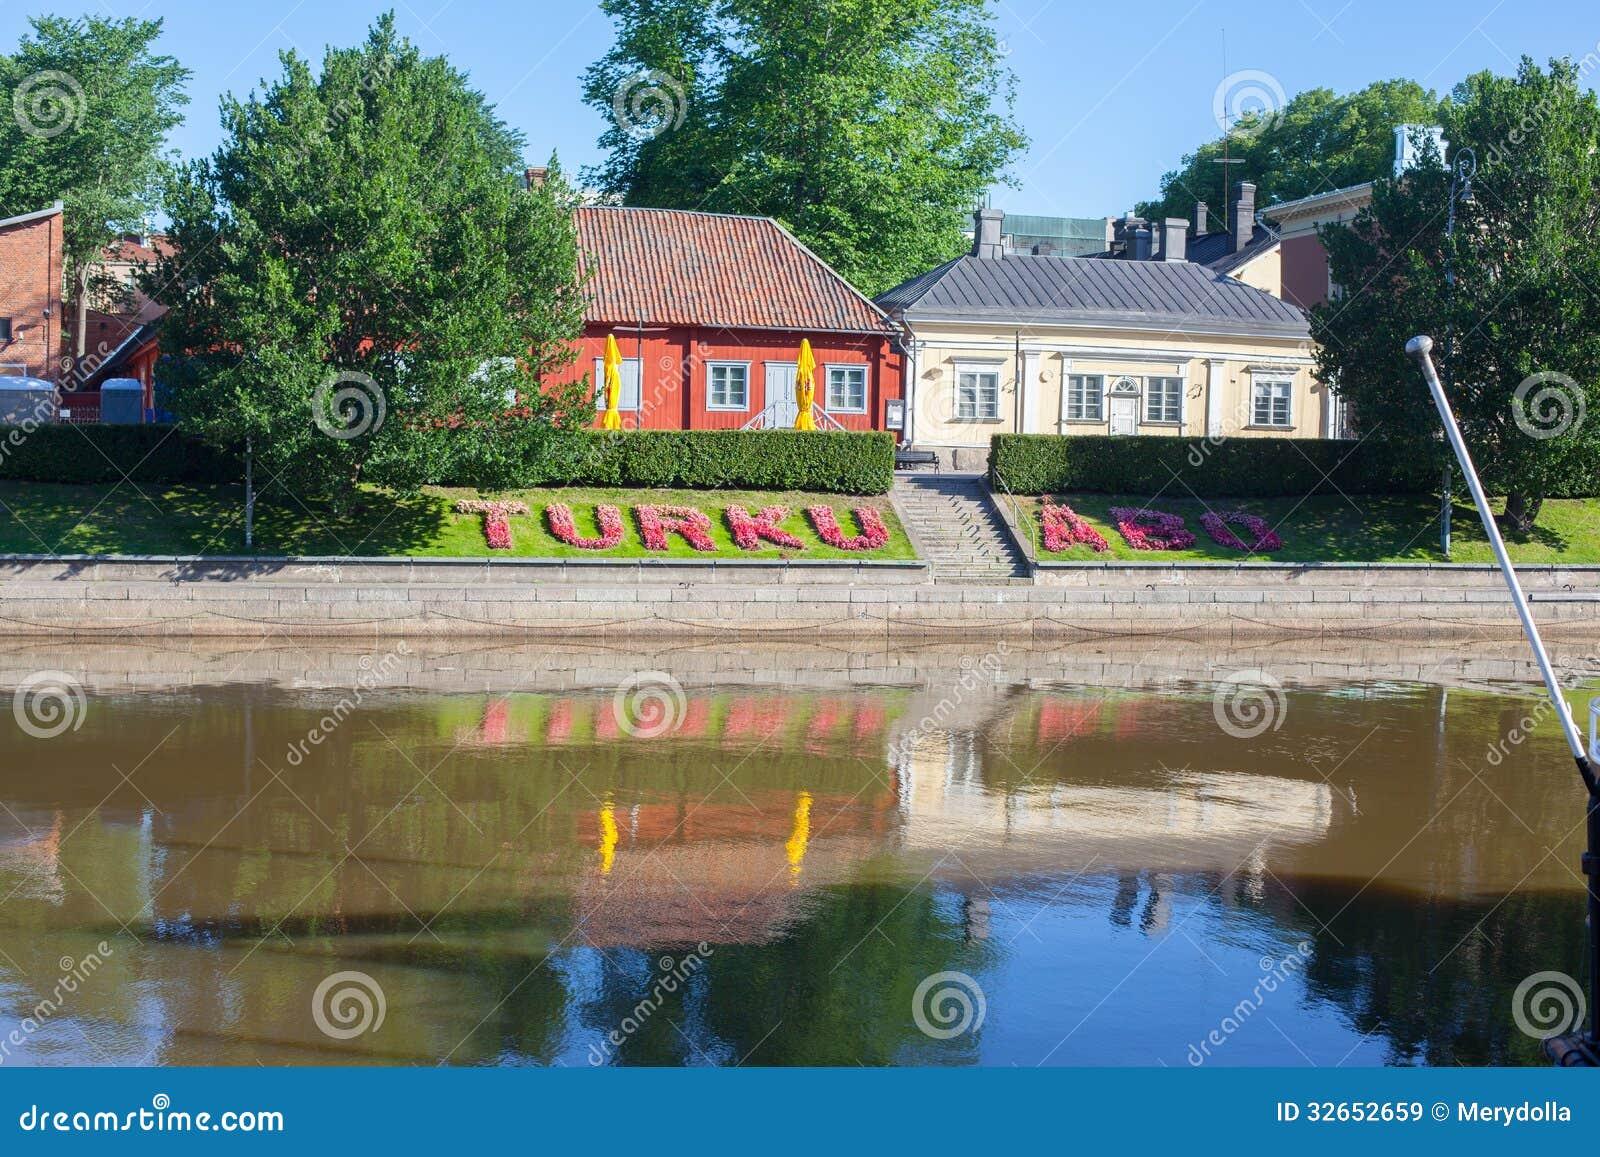 Mooie houten kleurrijke huizen in finland royalty vrije stock afbeeldingen afbeelding 32652659 - Meer mooie houten huizen ...